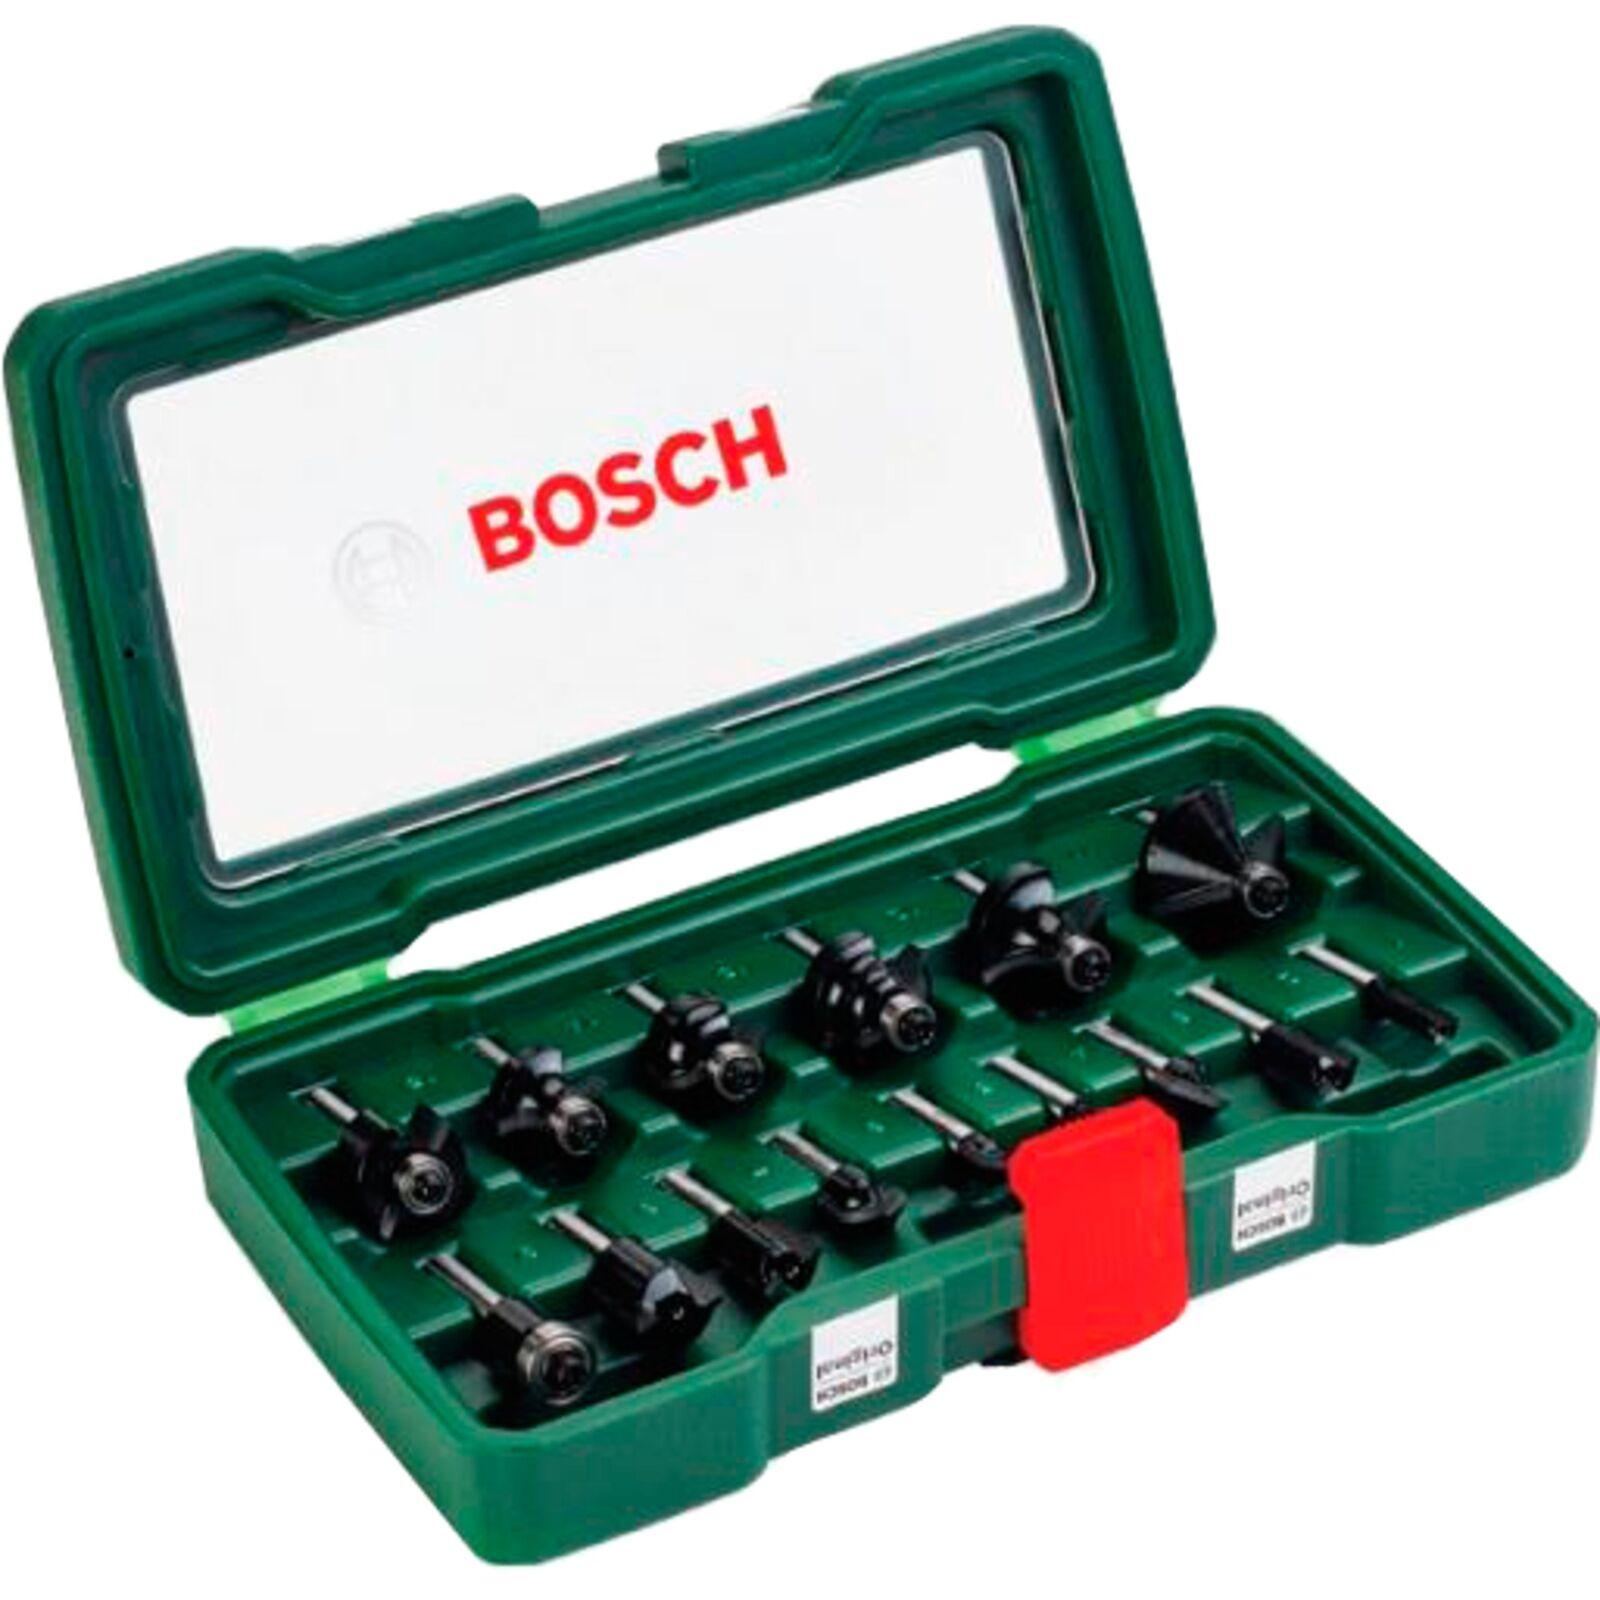 Bosch Heimwerken & Garten 15-teiliges HM-Fräser-Set (1 4  Schaft)